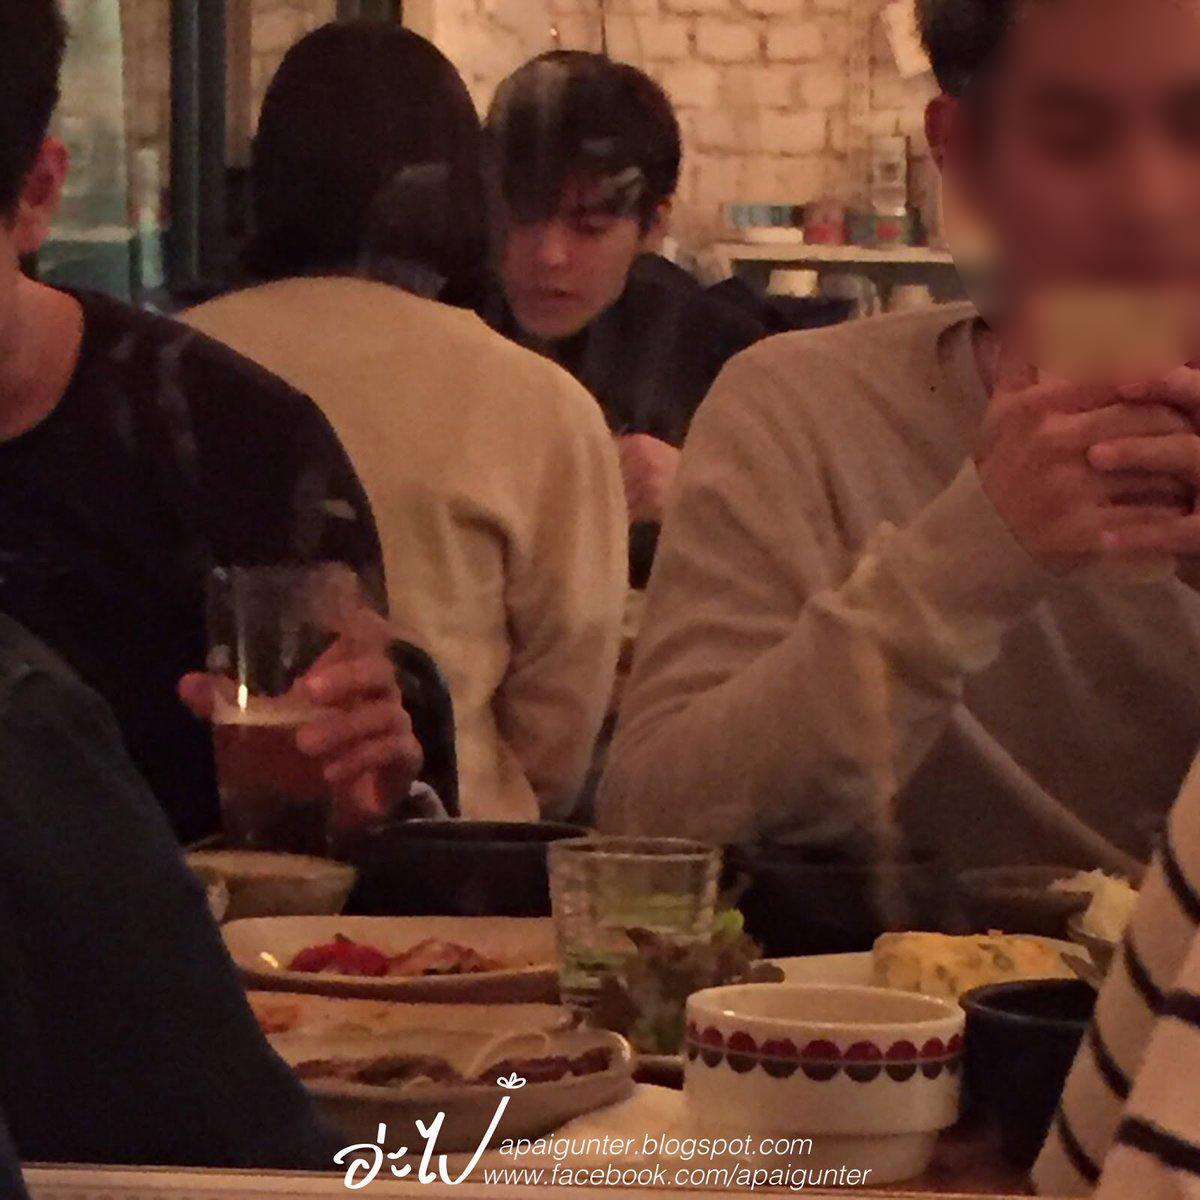 Sao Hàn: Fan quốc tế bắt gặp Kim Woo Bin và Shin Min Ah hẹn hò giản dị trong nhà hàng